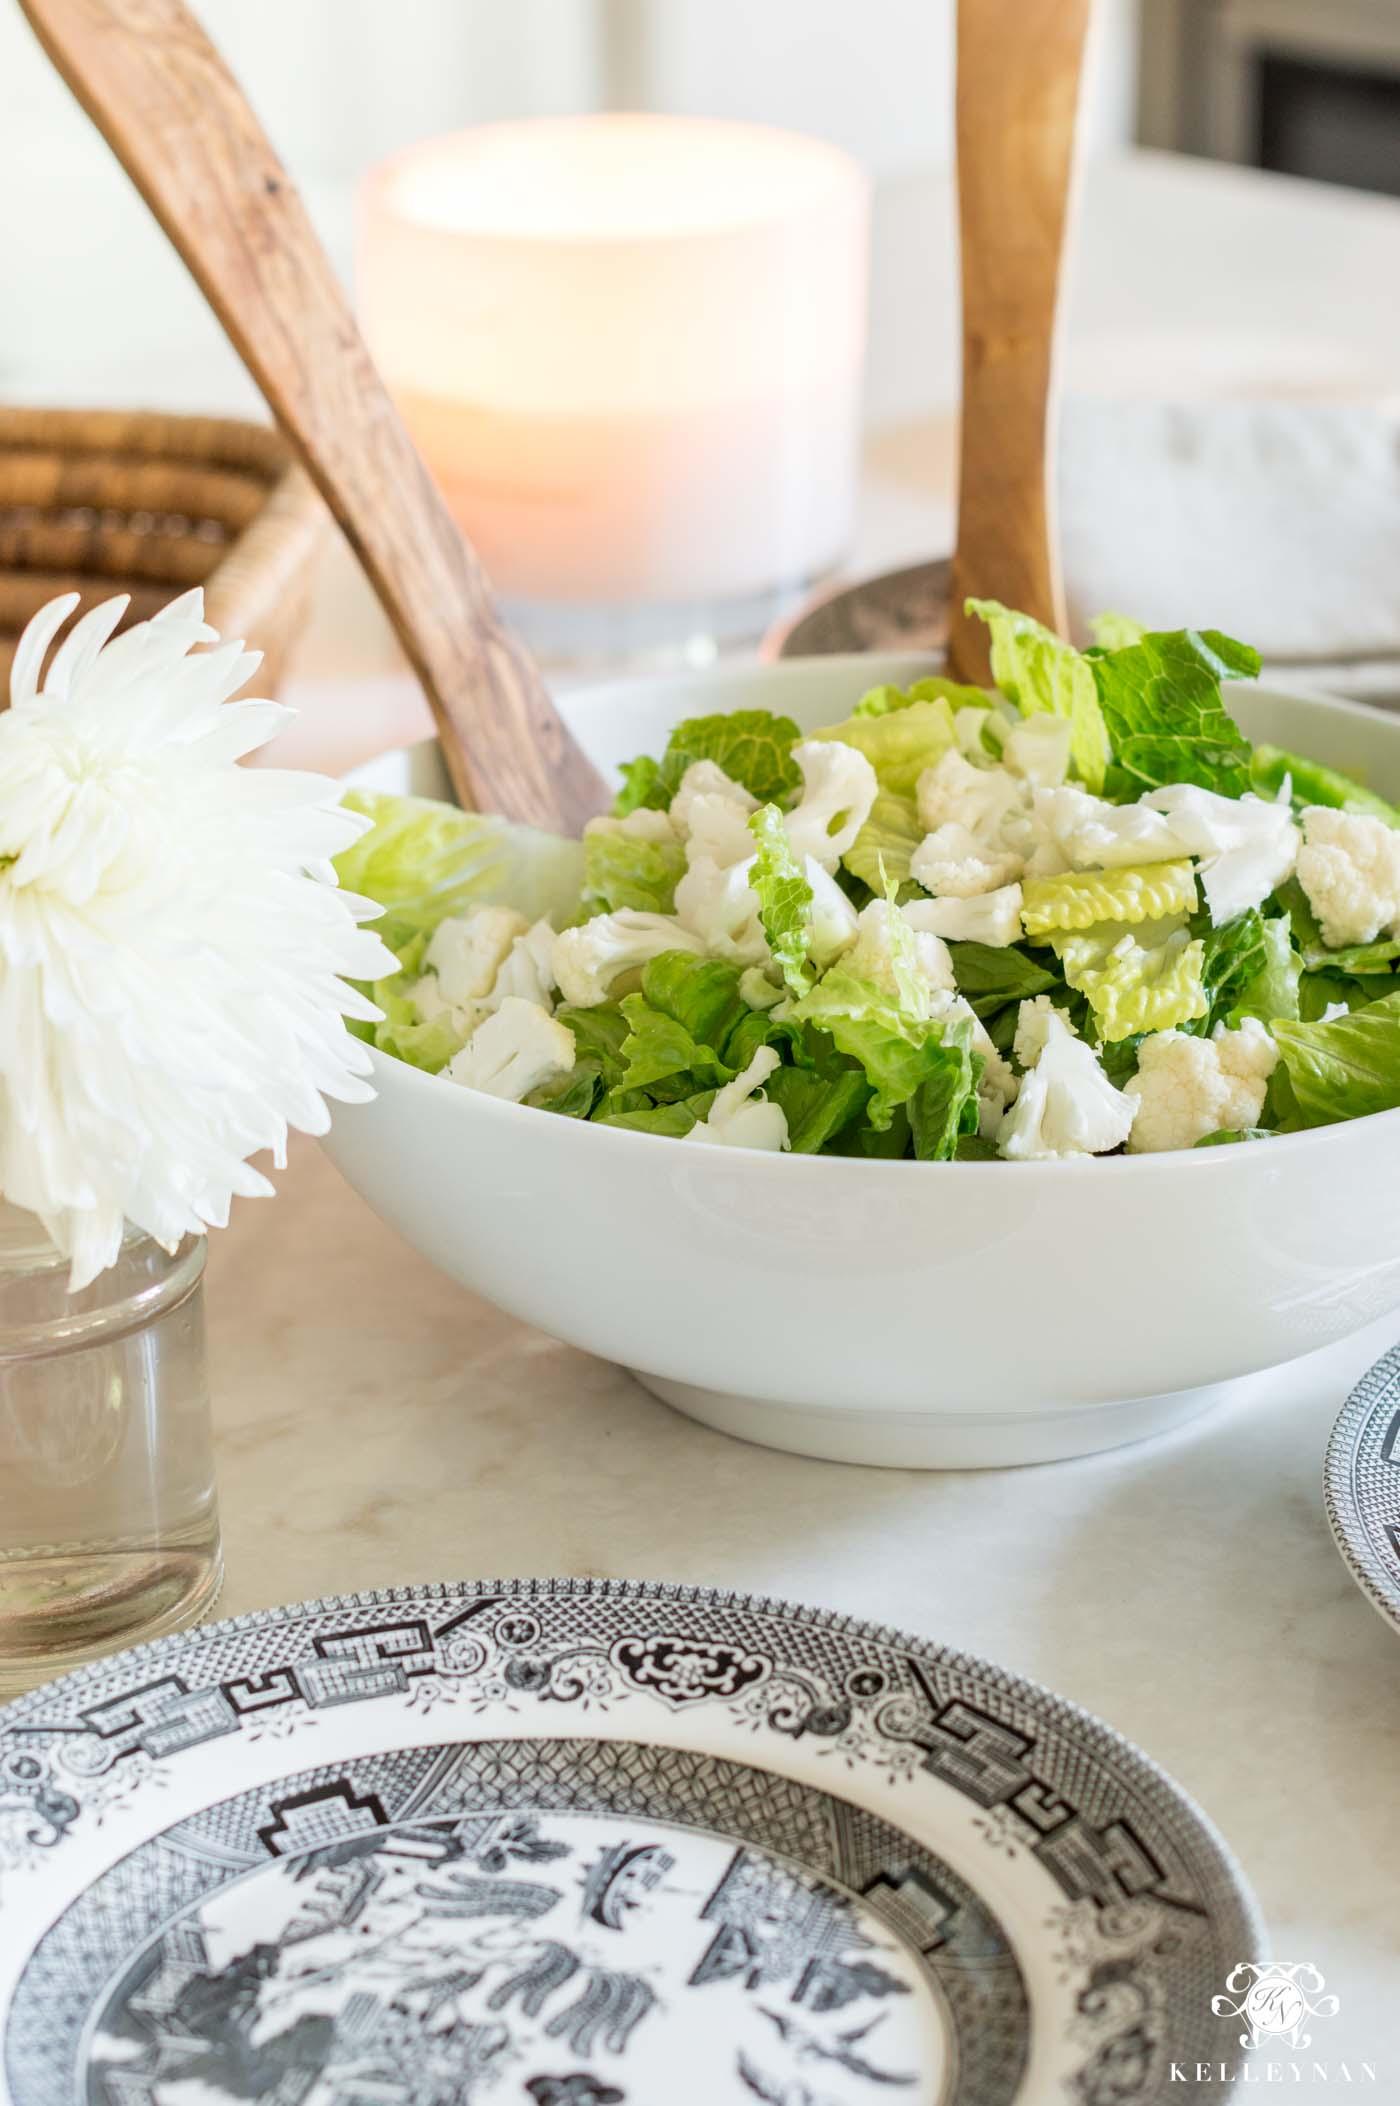 Salad and Salad Plates